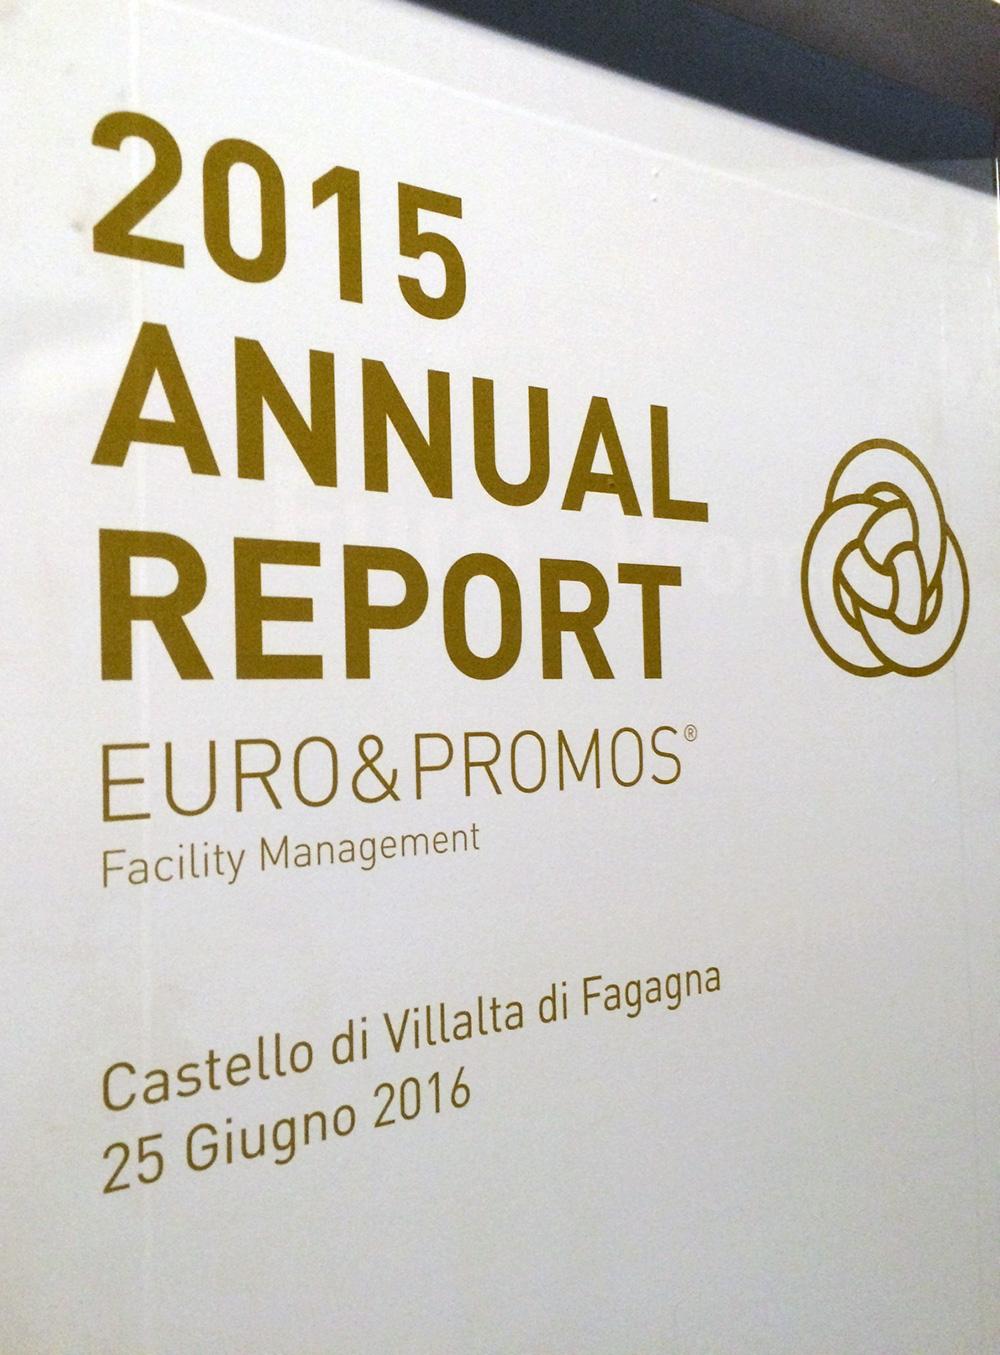 Euro&Promos Annual Report